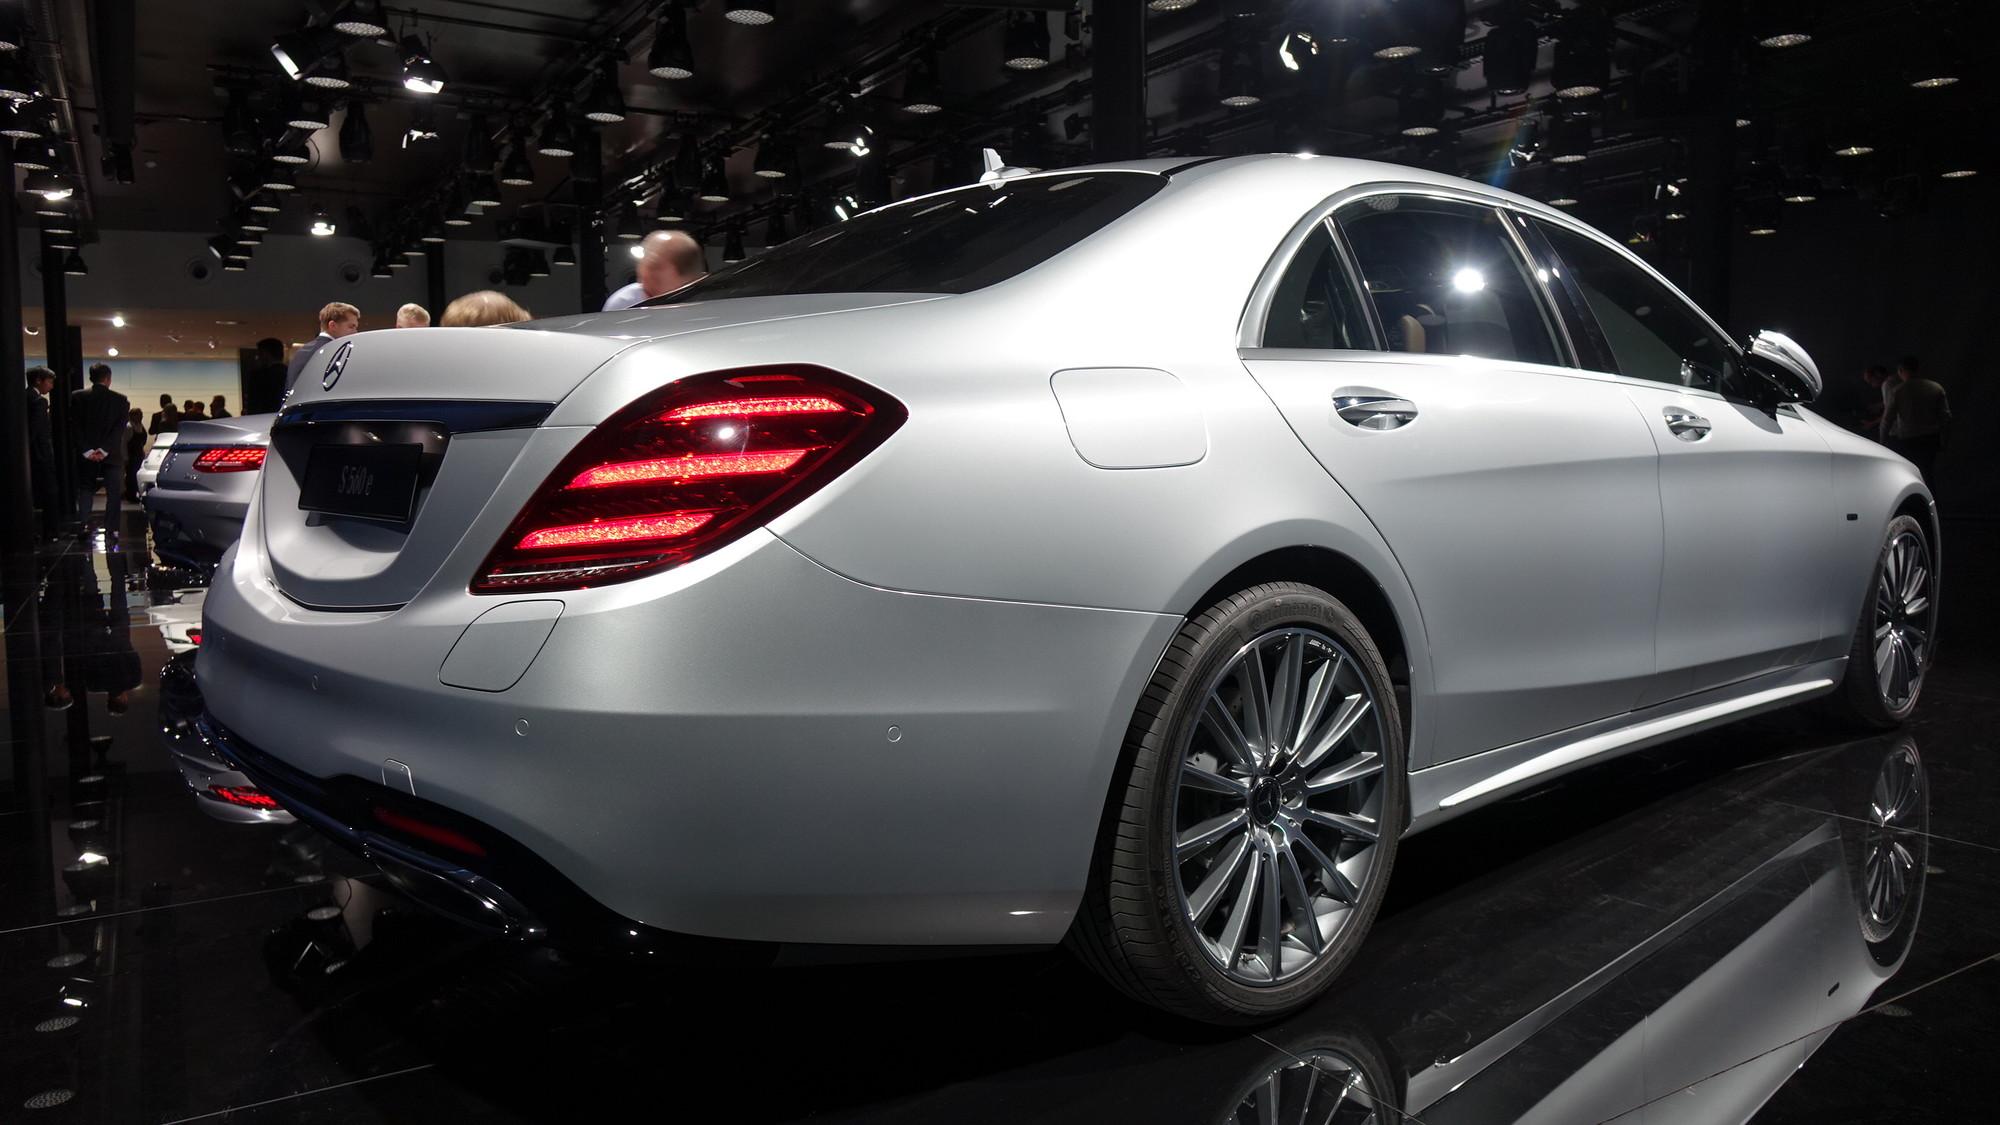 2018 Mercedes-Benz S560e, 2017 Frankfurt Motor Show